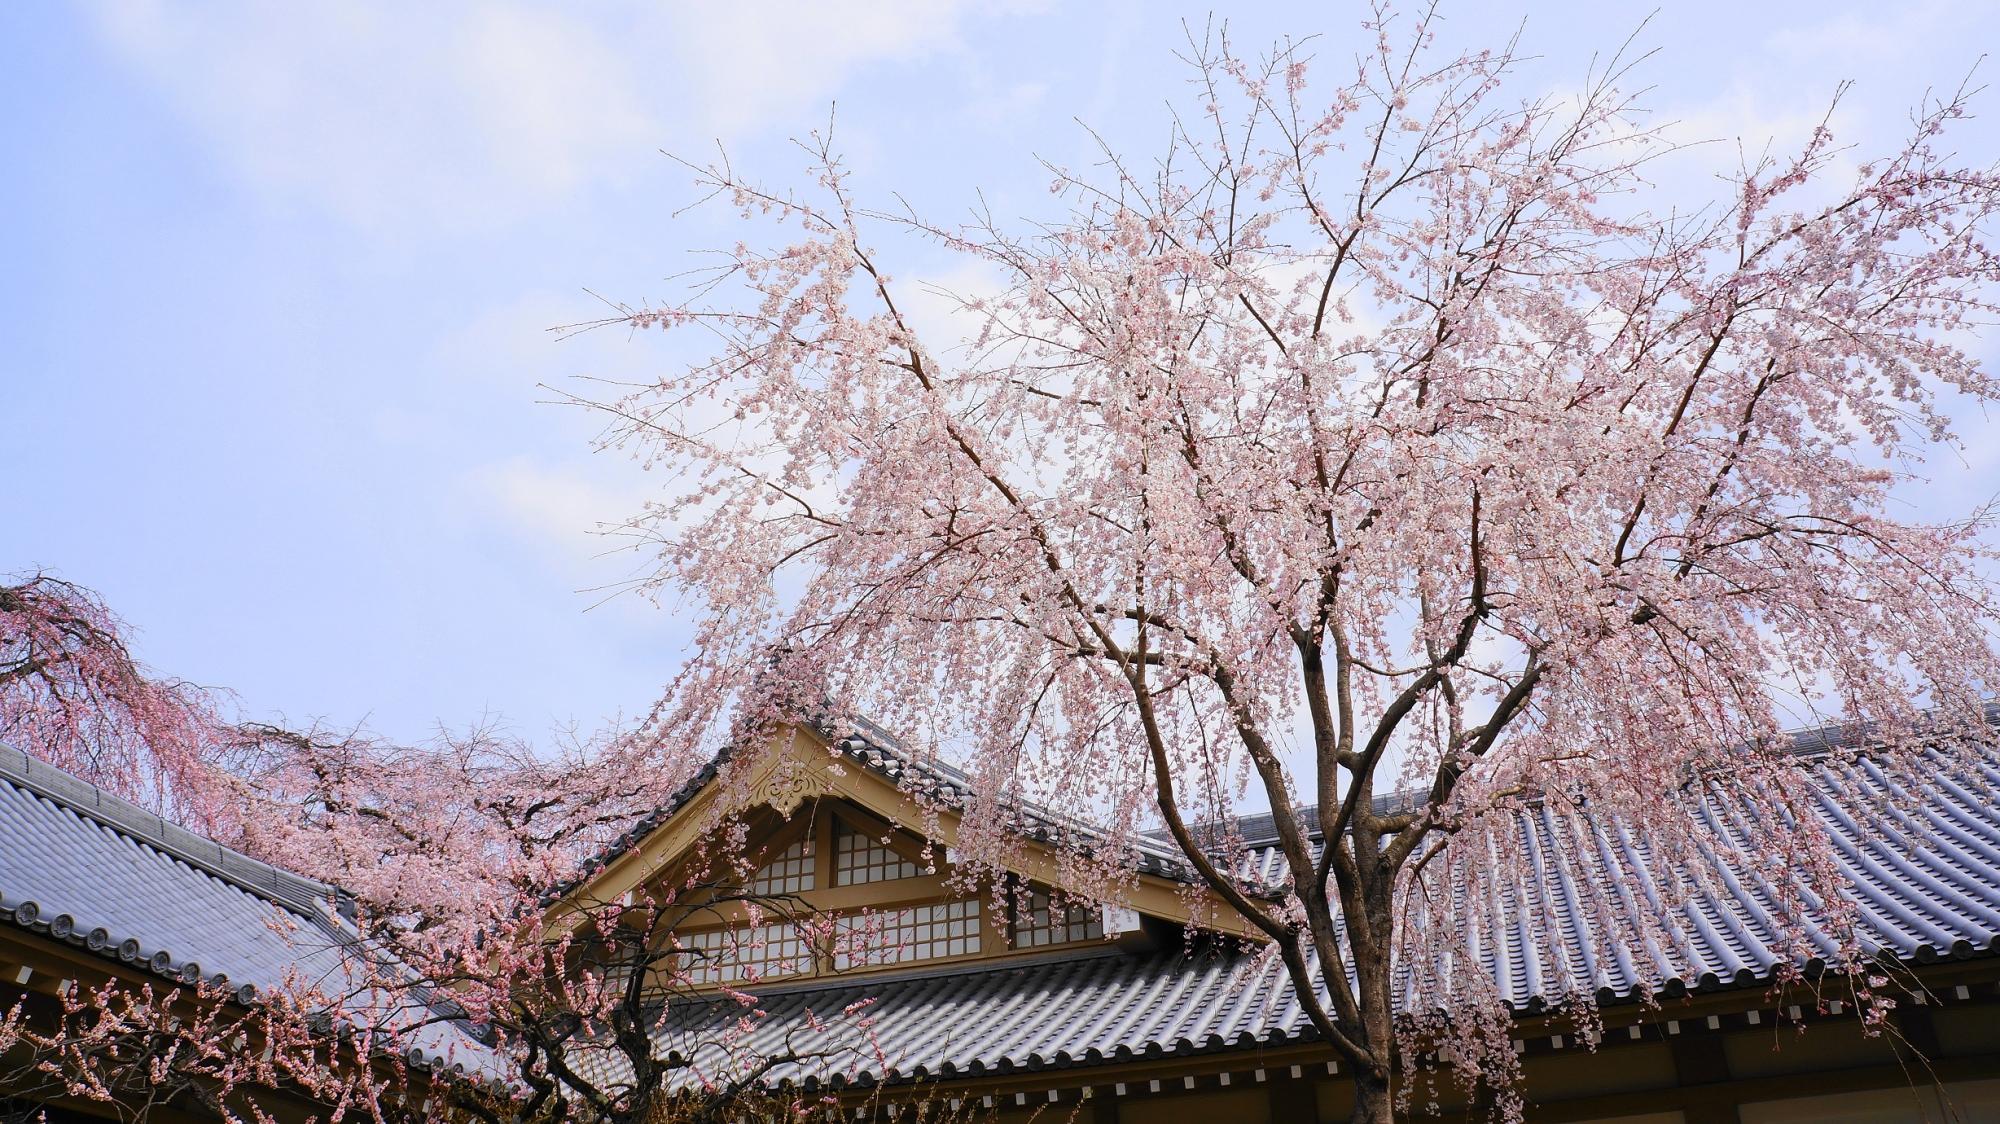 霊宝館 桜 満開 醍醐寺 春